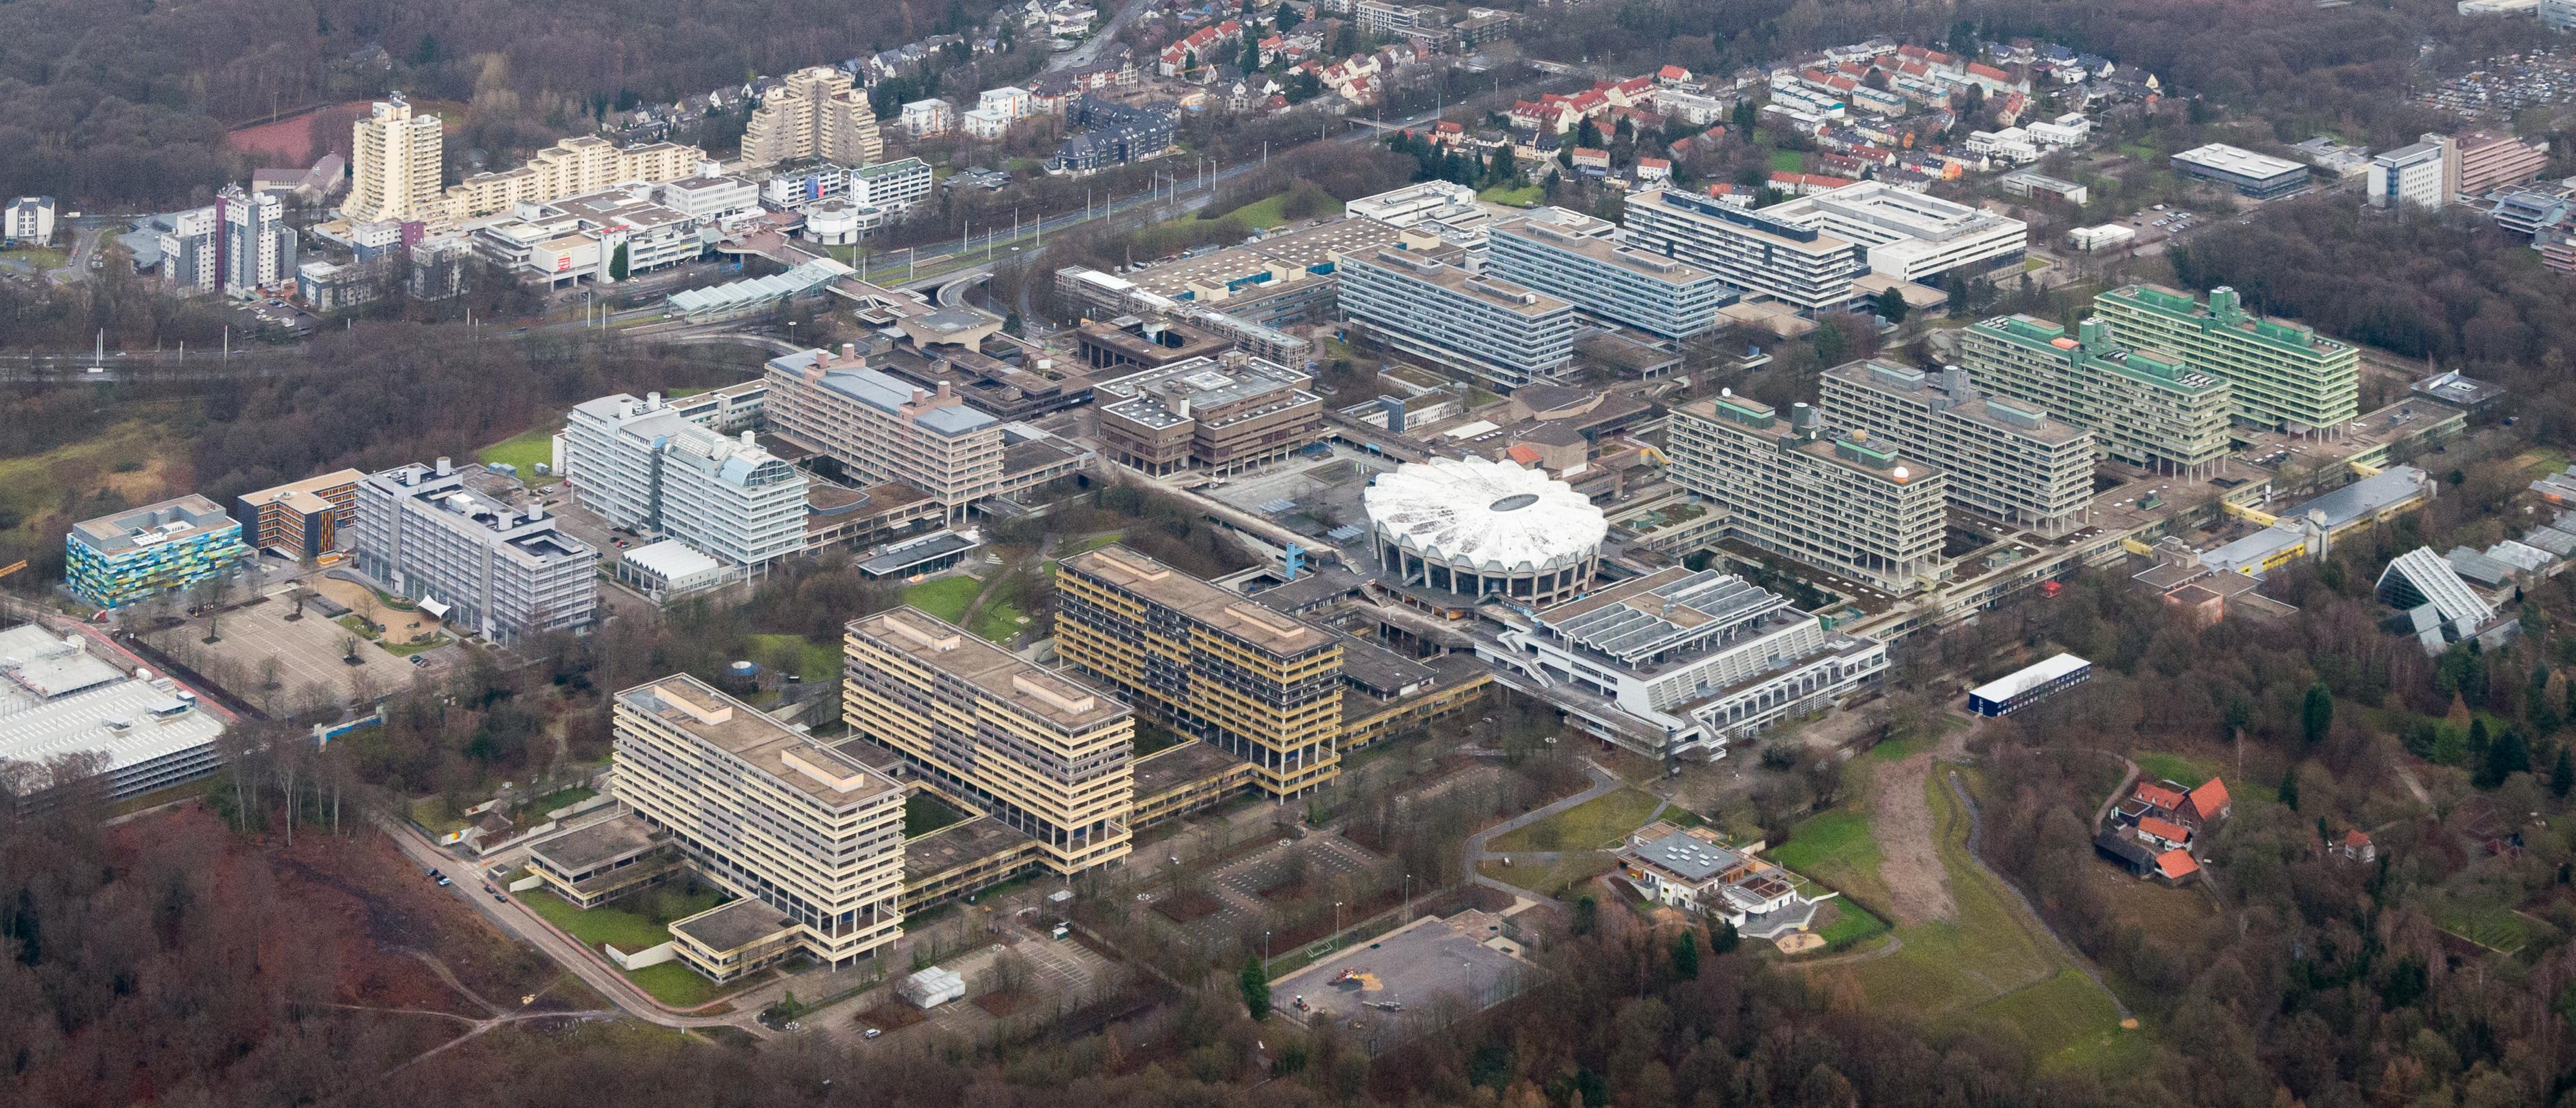 luftbild der universitt - Uni Bochum Bewerbung